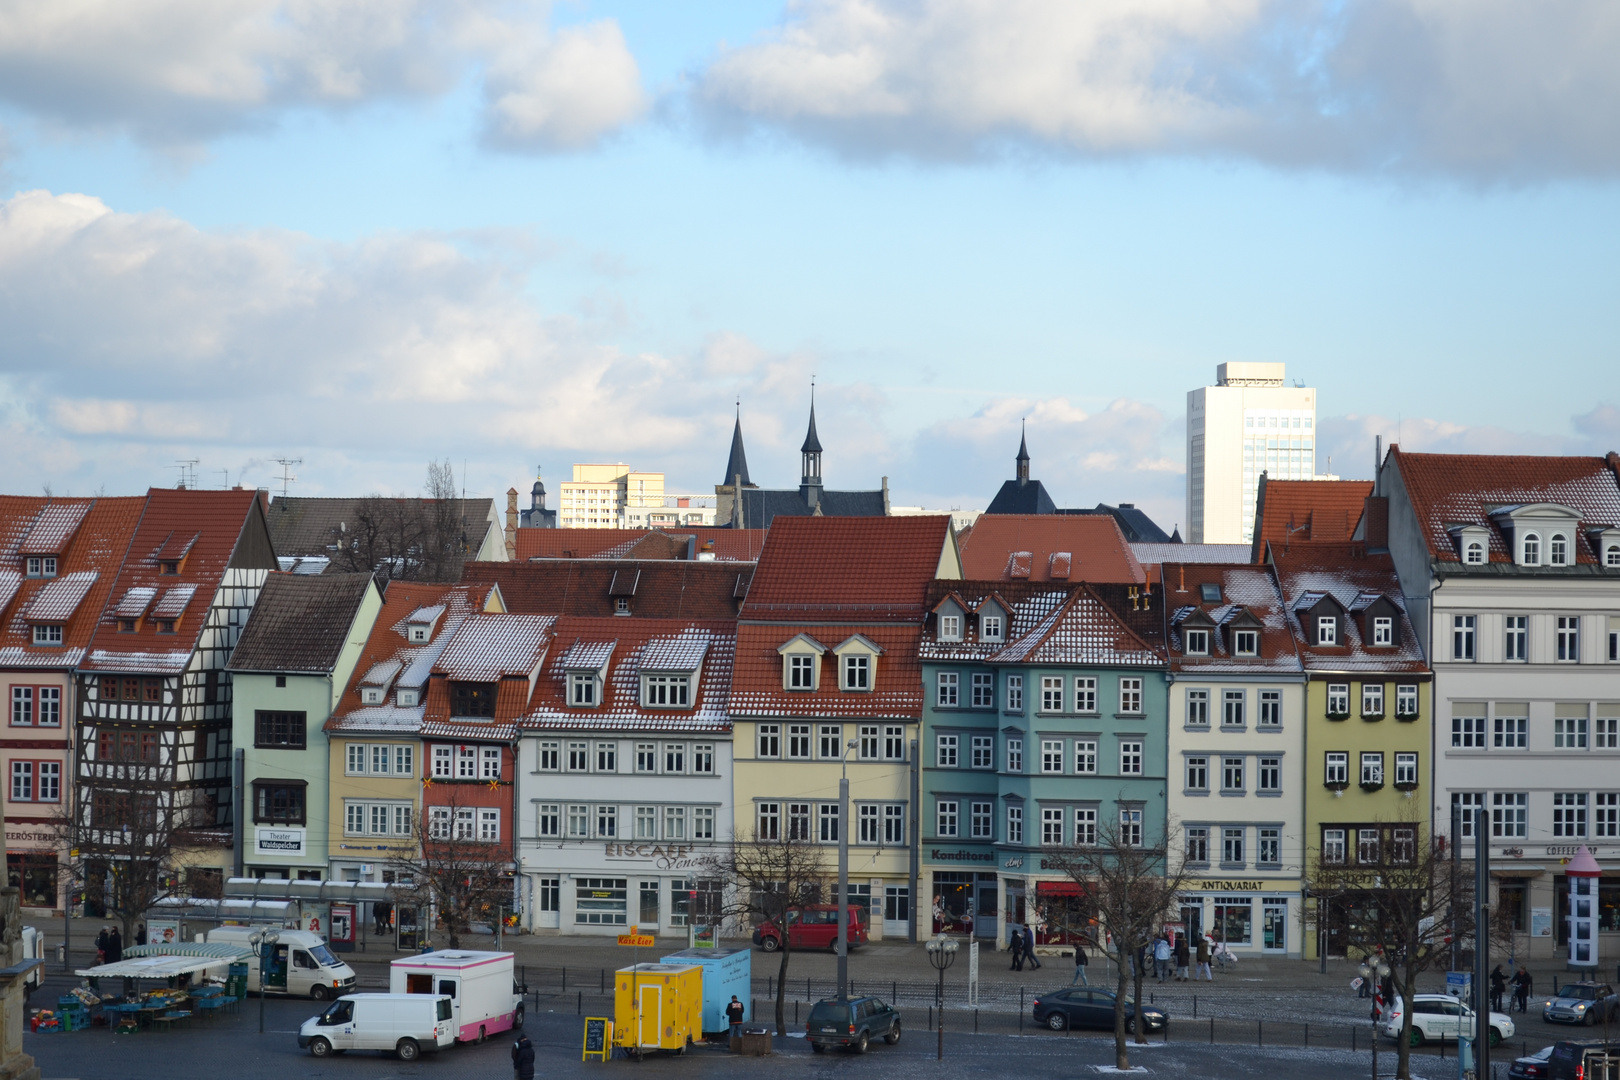 Erfurter Domplatz